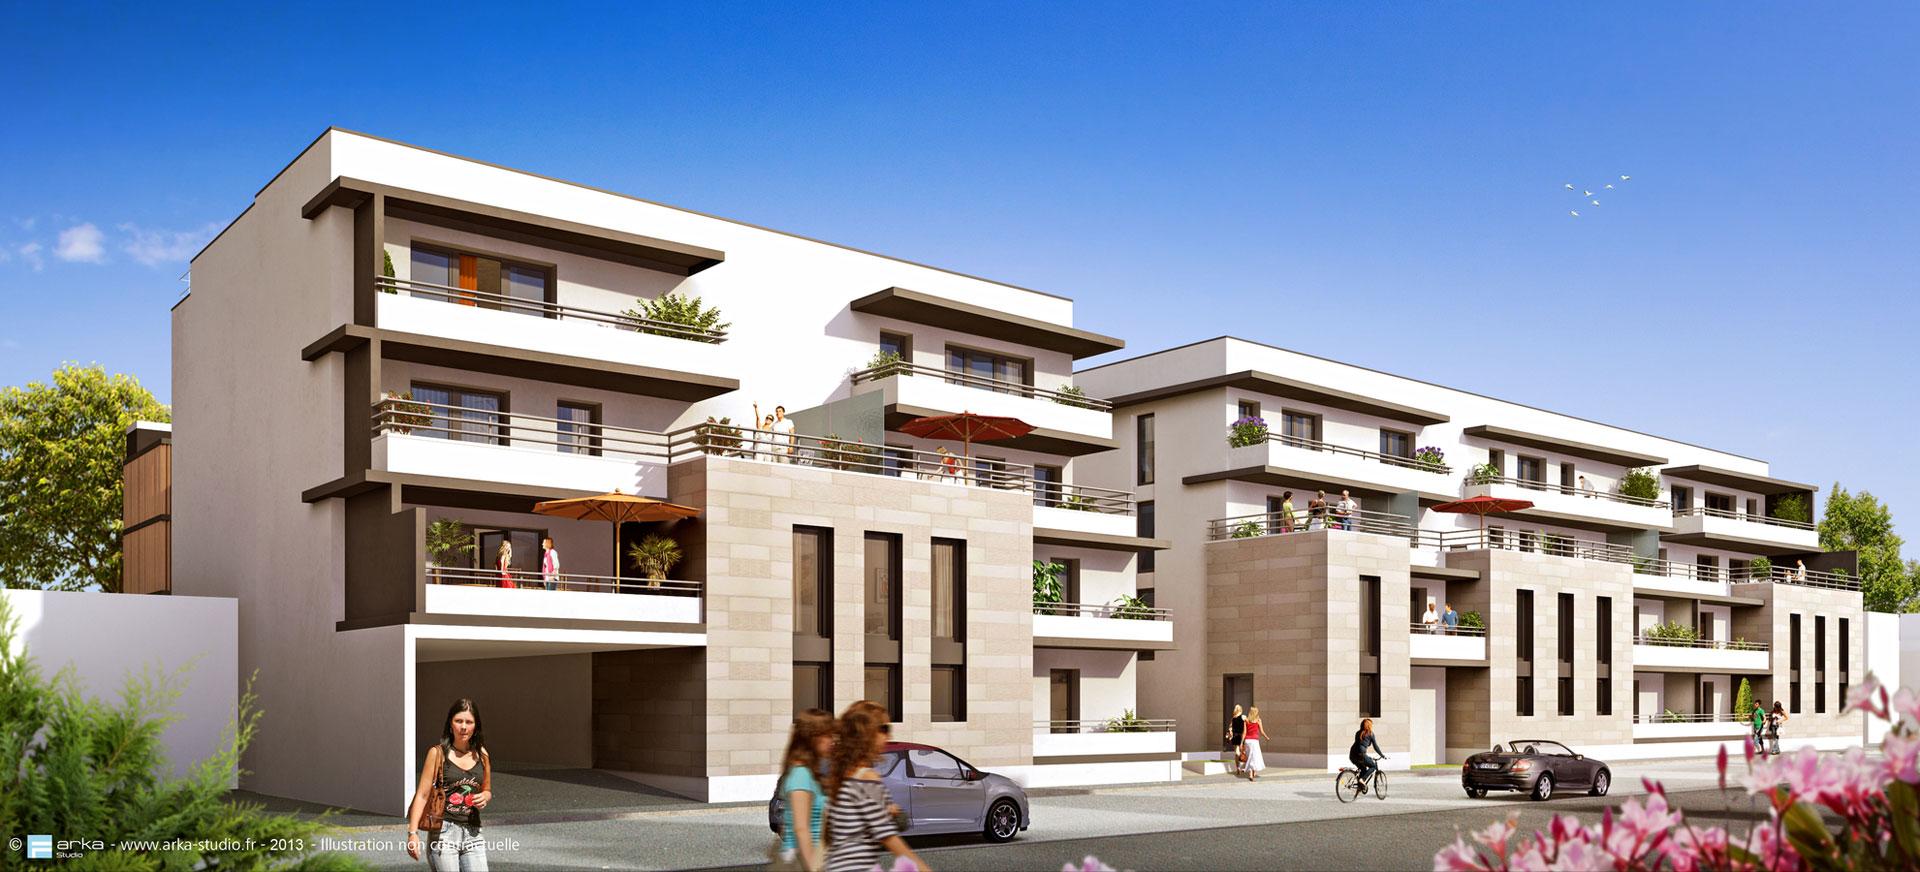 Les terrasses de galin appartement neuf bordeaux for Programme de logement neuf